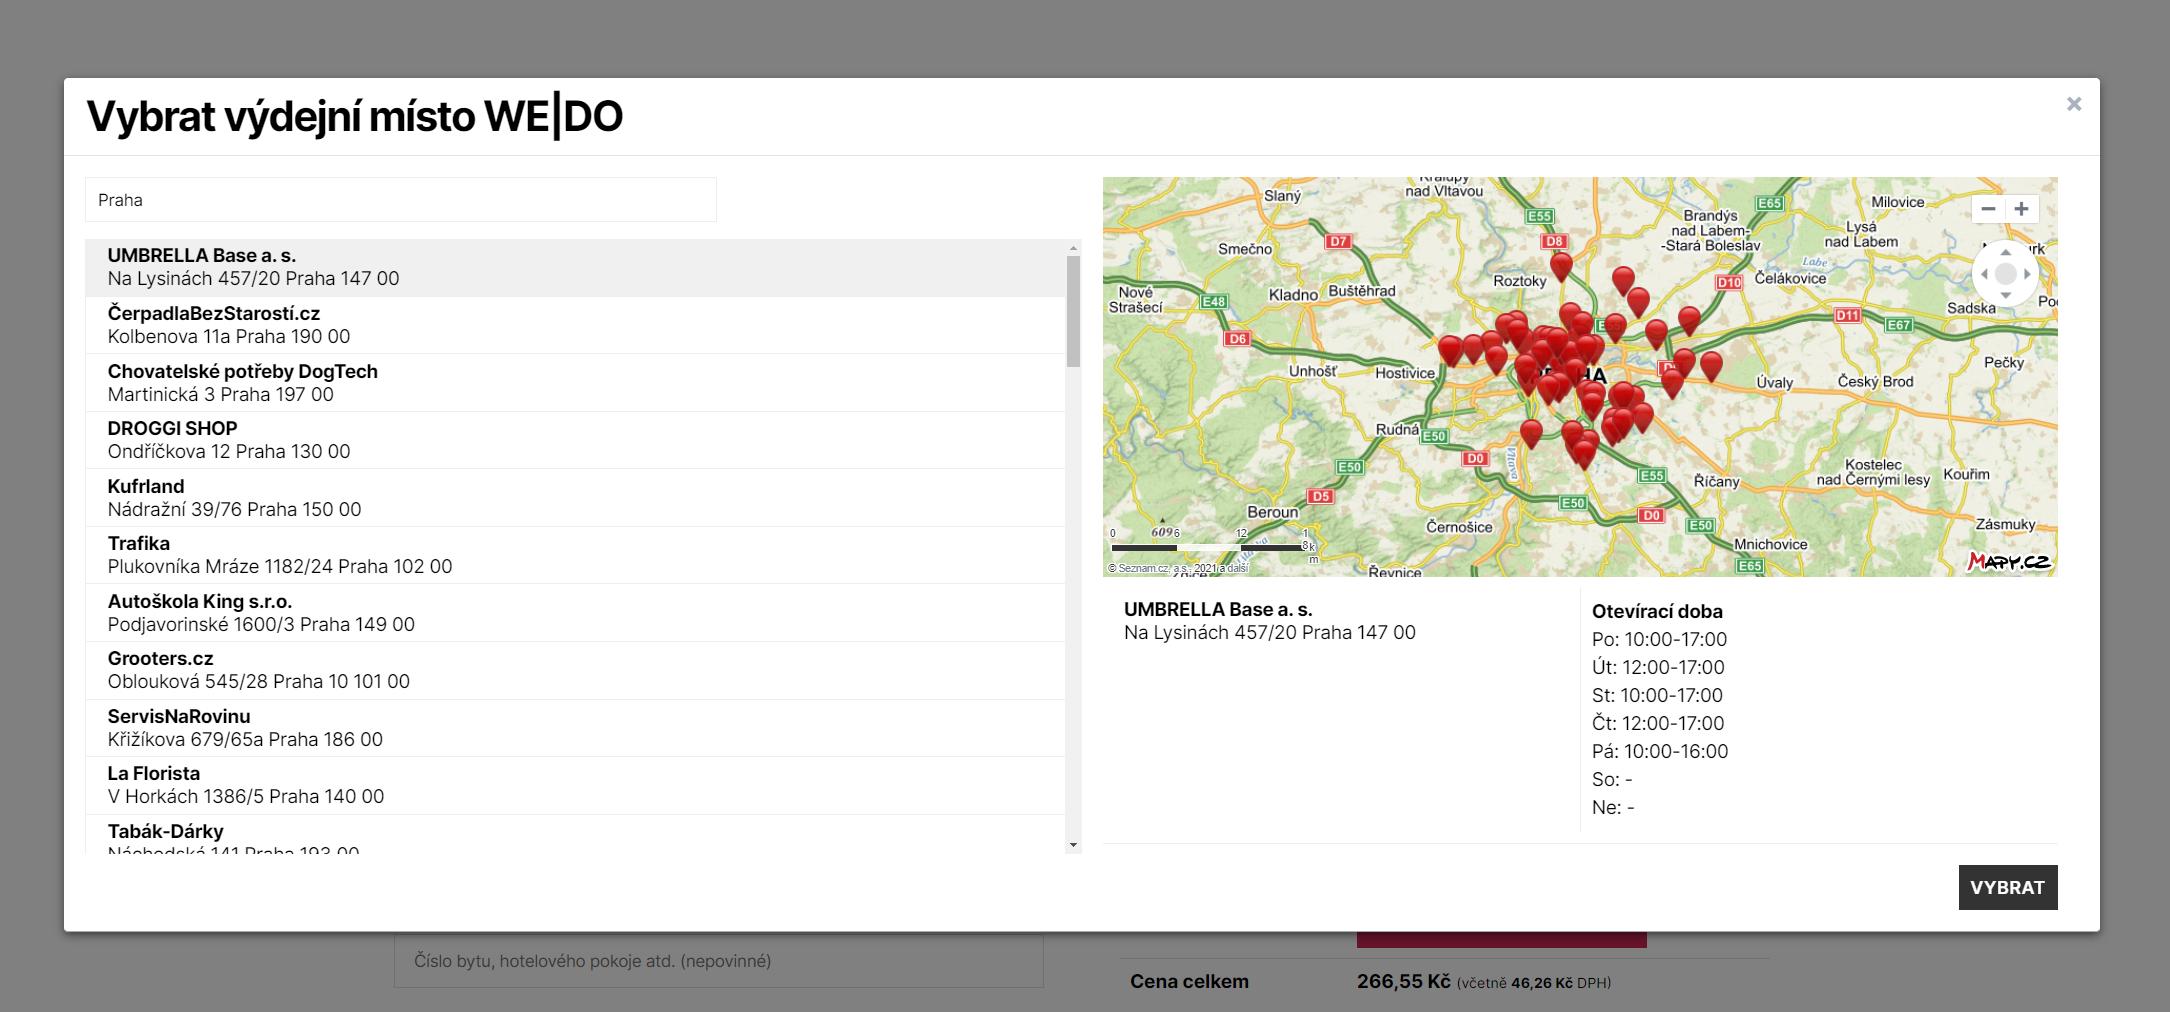 Toret WEDO - Přehledné zobrazení výdejních míst a boxů